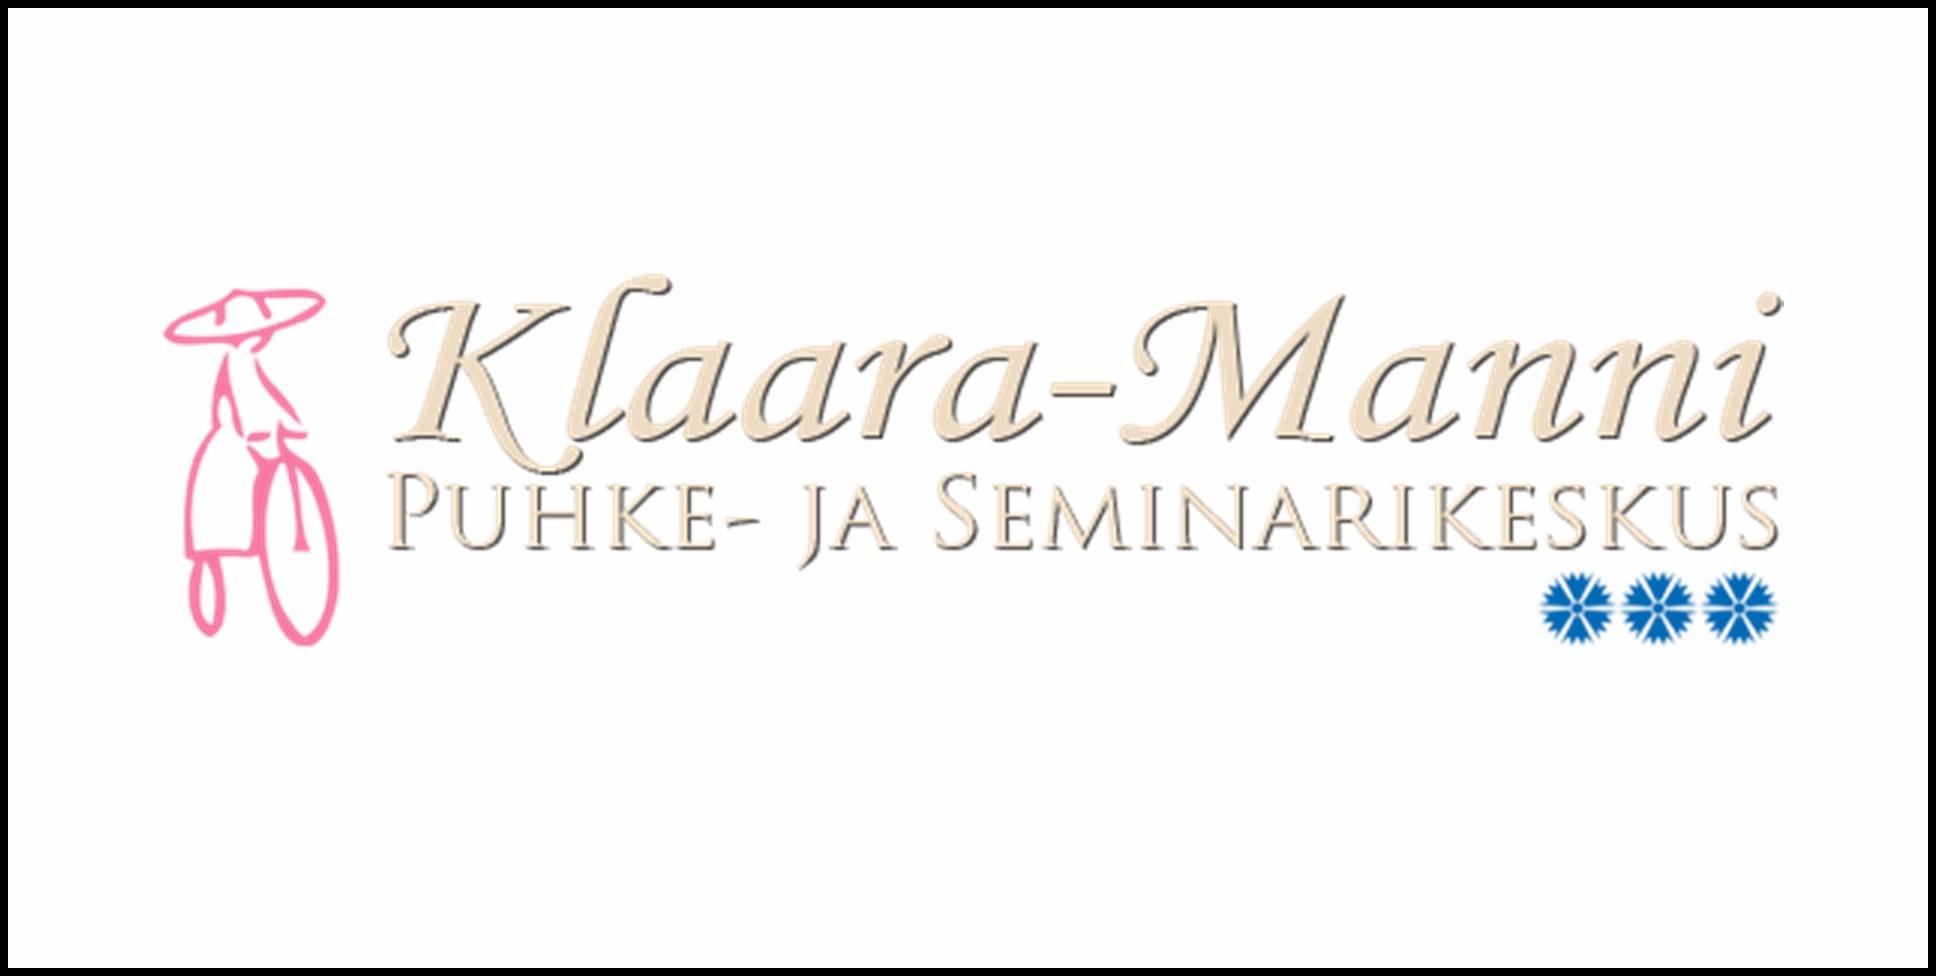 Klaara-Manni Puhke- ja Seminarikeskus